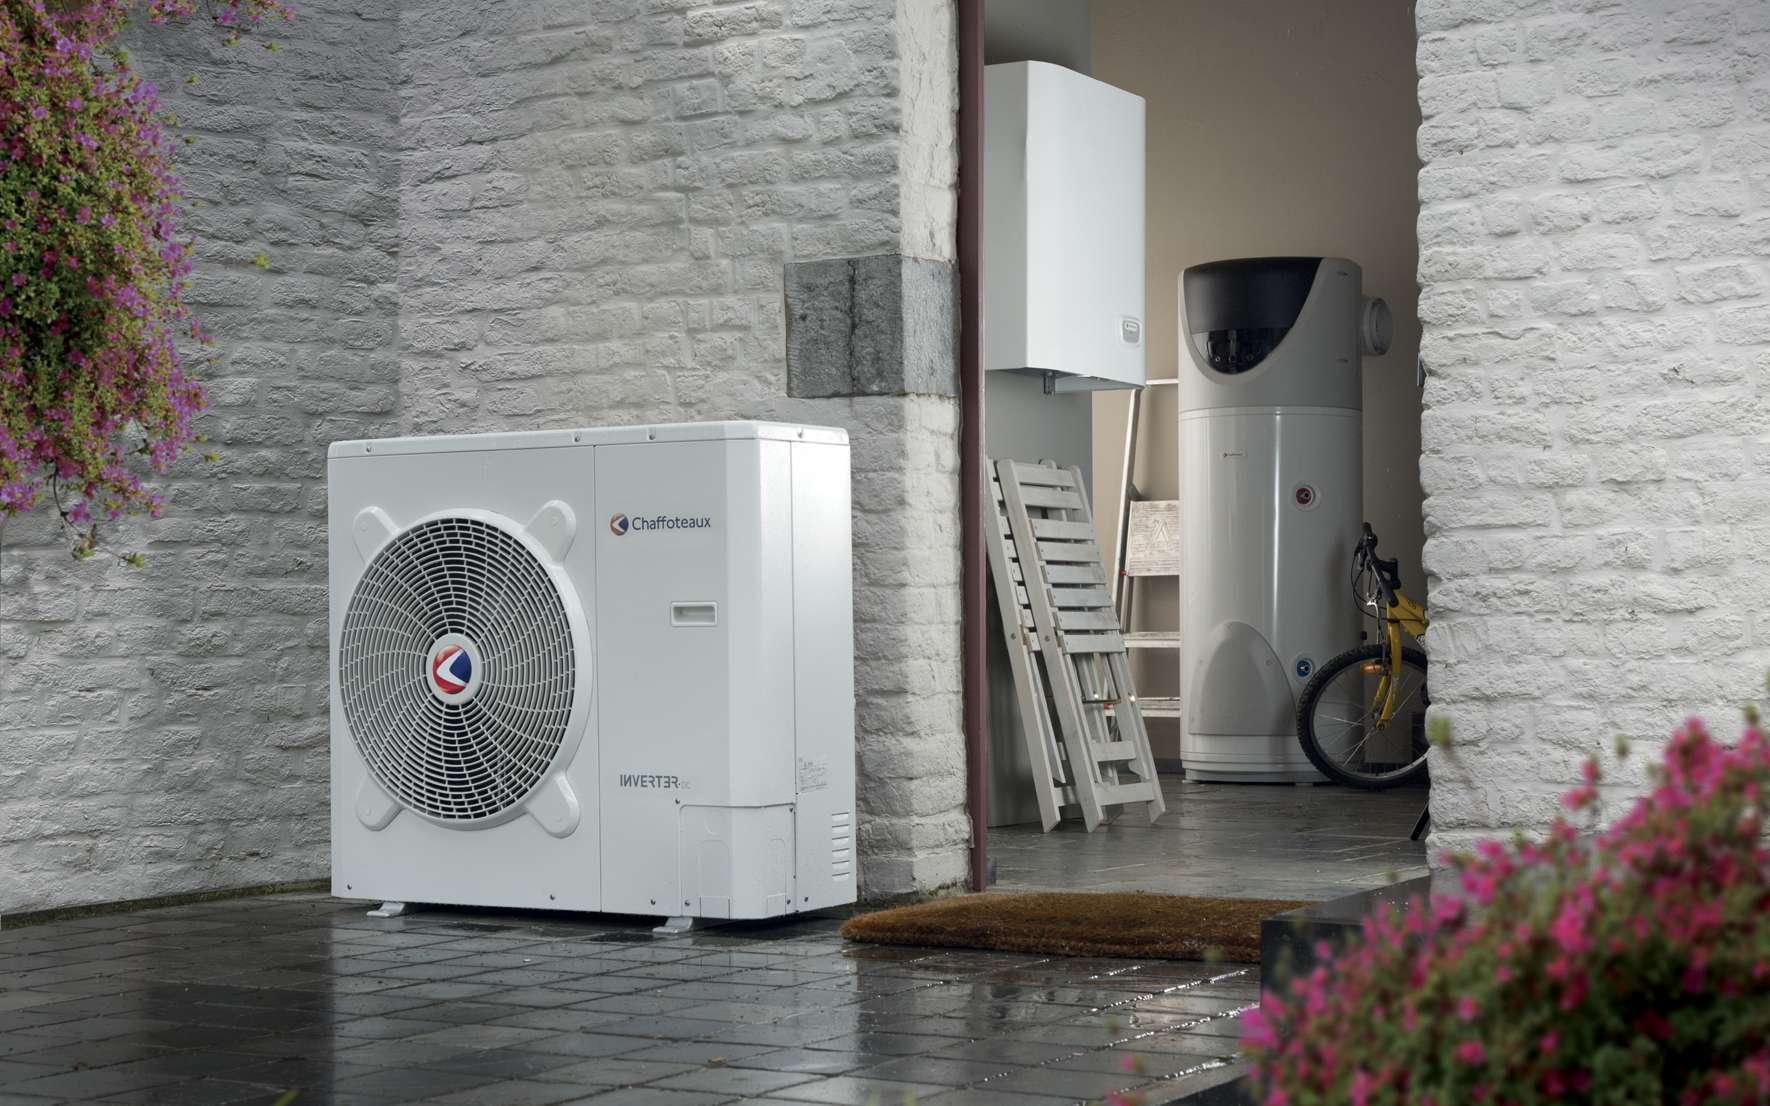 PAC air/eau Inverter installée en relève de chaudière et associée à un module hydraulique. Cop de 3,06 à 3,27 pour une plage de température de -7 à +35 °C. EER de 4,56 à 5,35 entre 35 et 18 °C. © Chaffoteaux « Arianex Plus S »